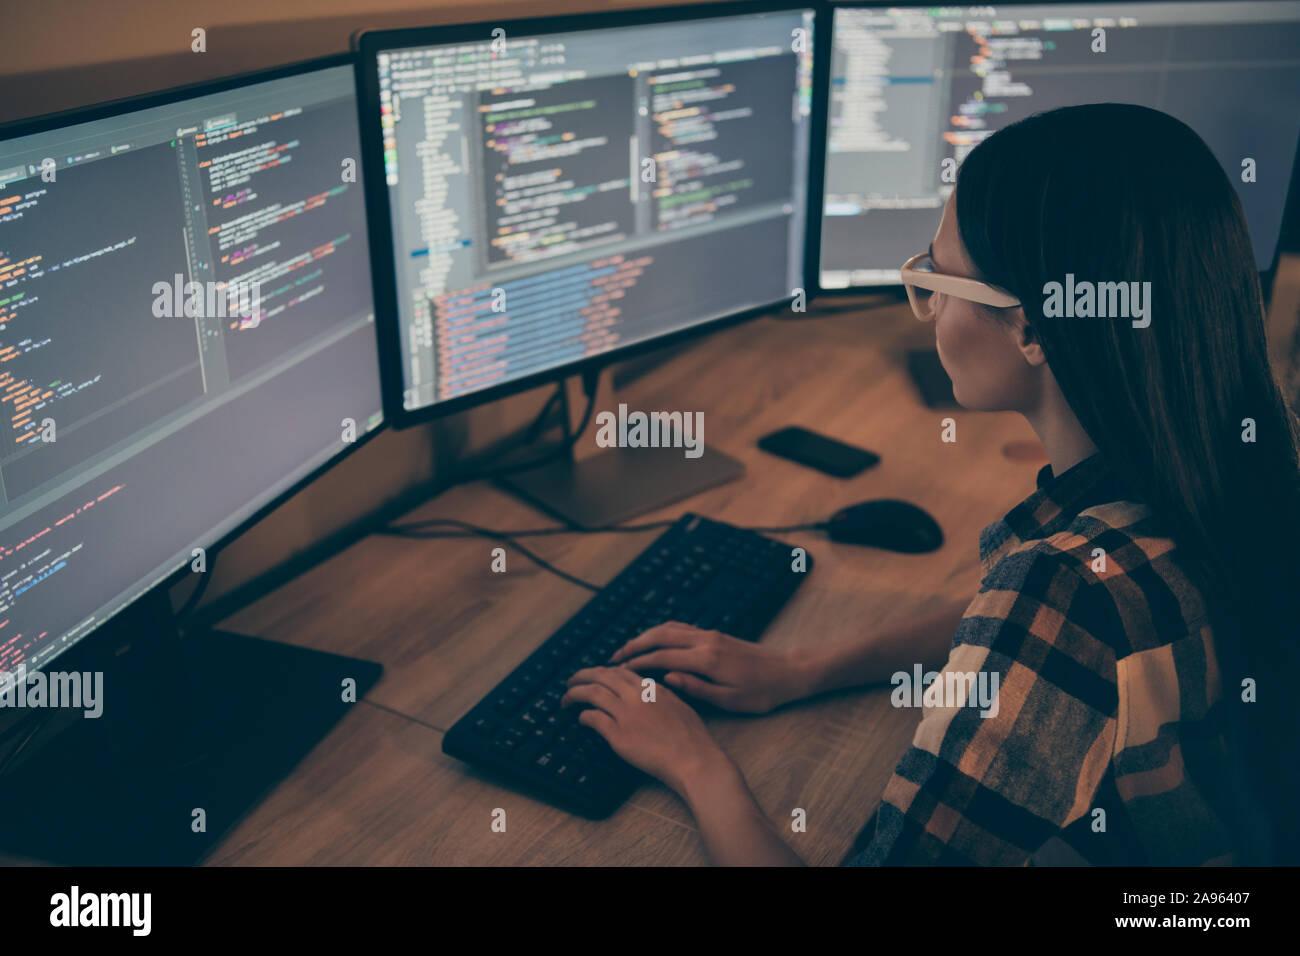 Vista posterior del administrador del sistema modificando el software de seguridad corporativa para evitar la empresa de ser atacado por los concursantes Foto de stock